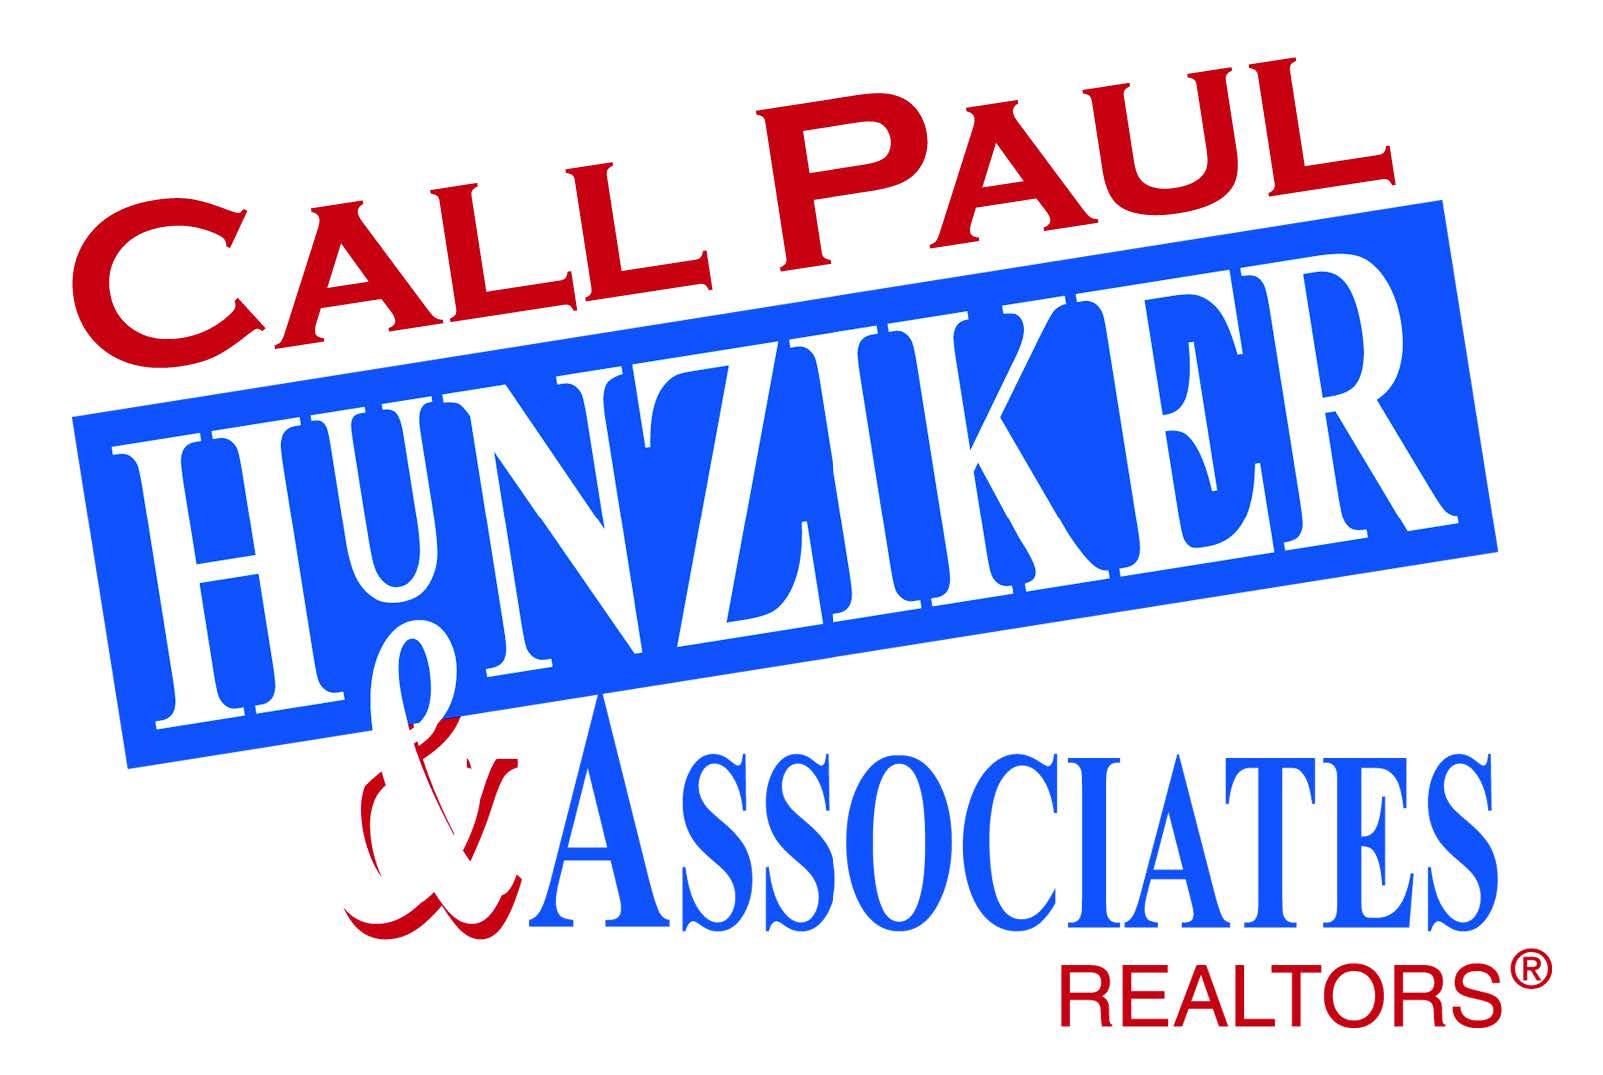 Stein Sponsor |   Paul Livingston, Hunziker & Associates, Realtors